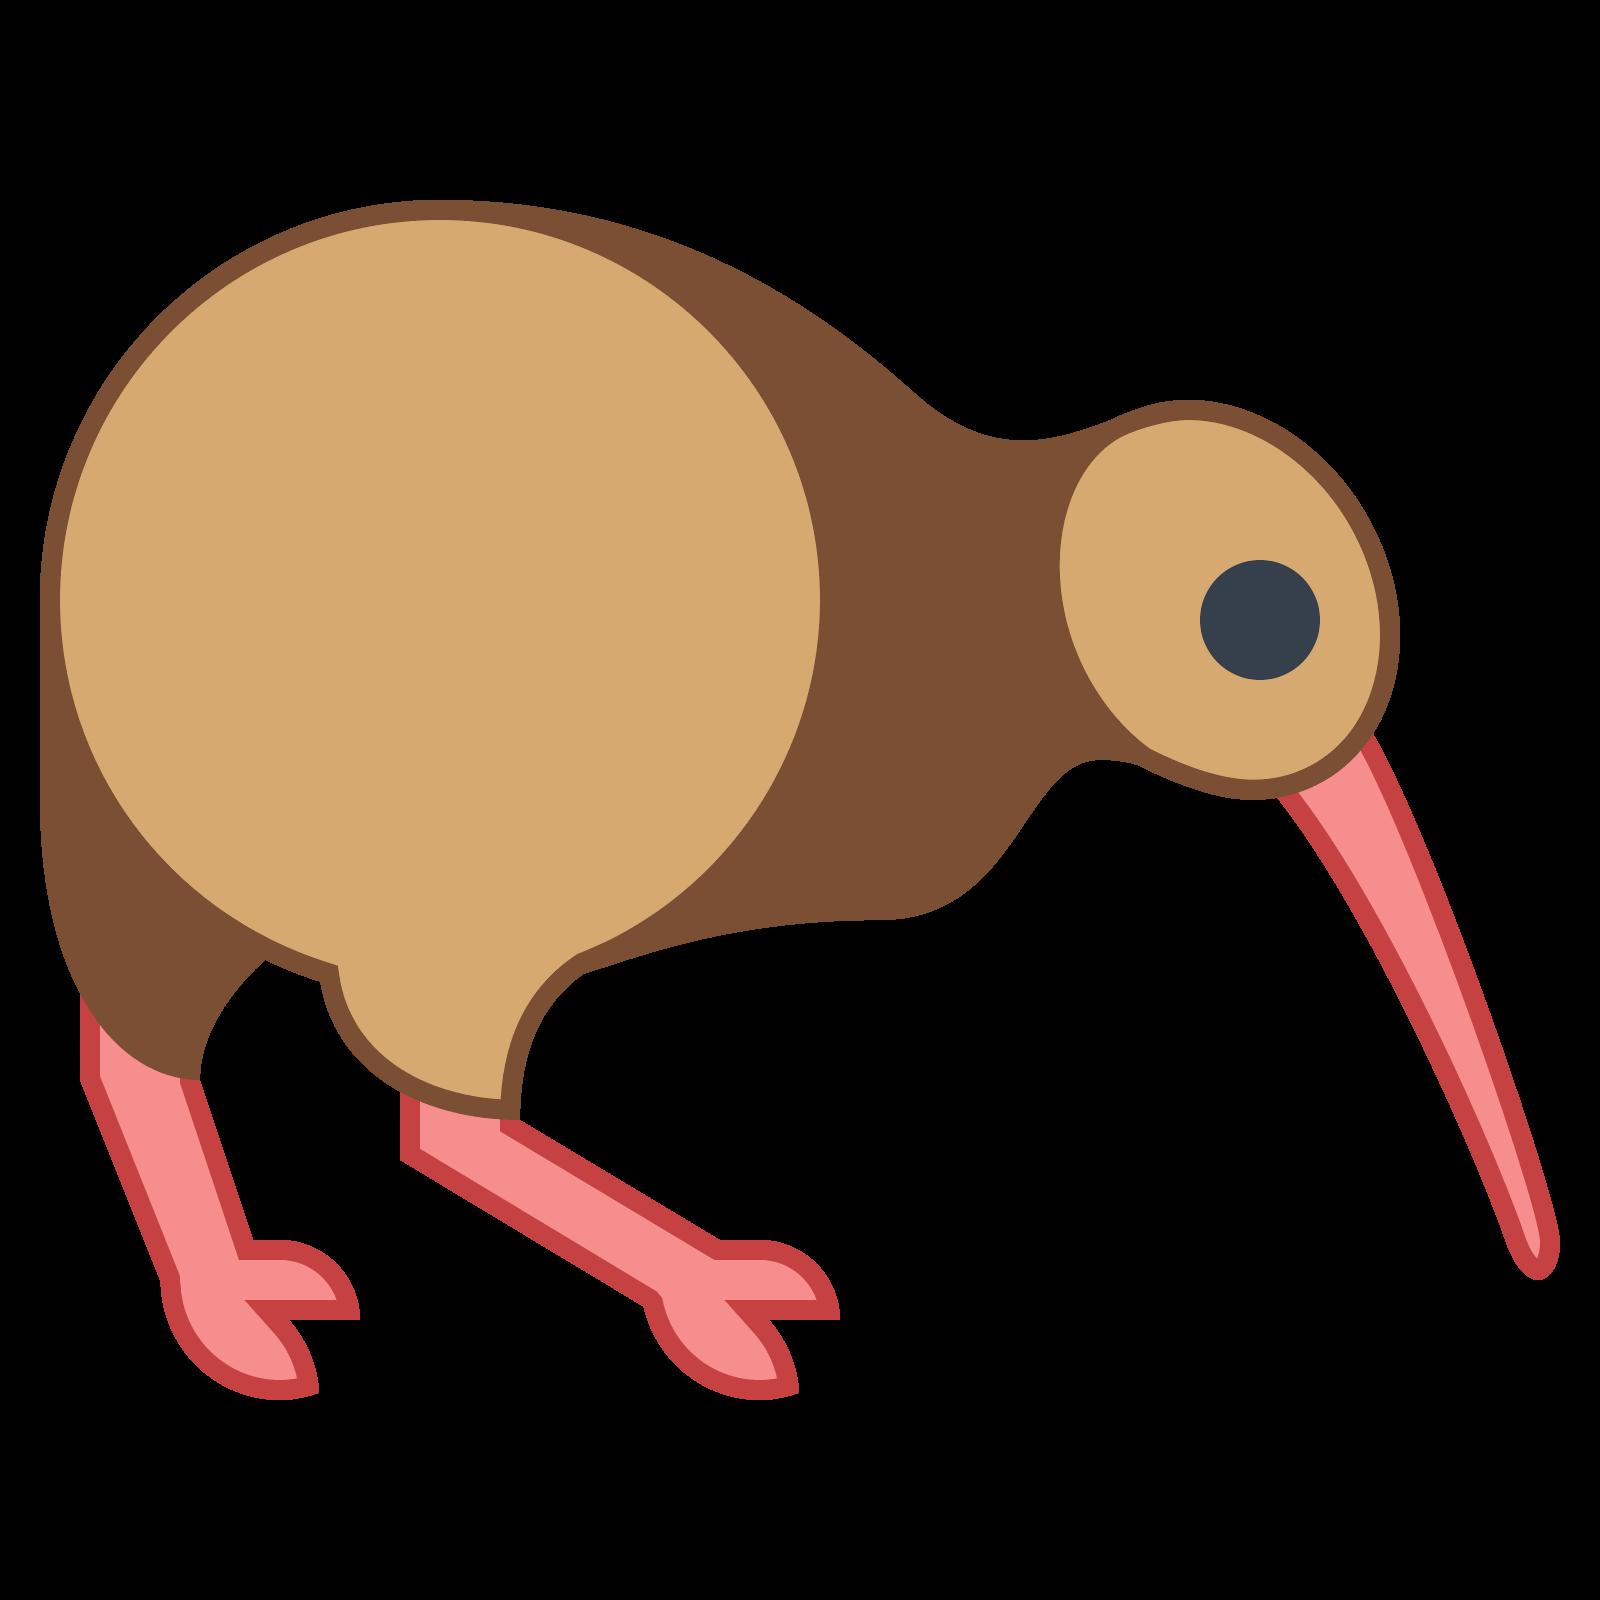 Kiwi clipart kiwi bird. Png icon